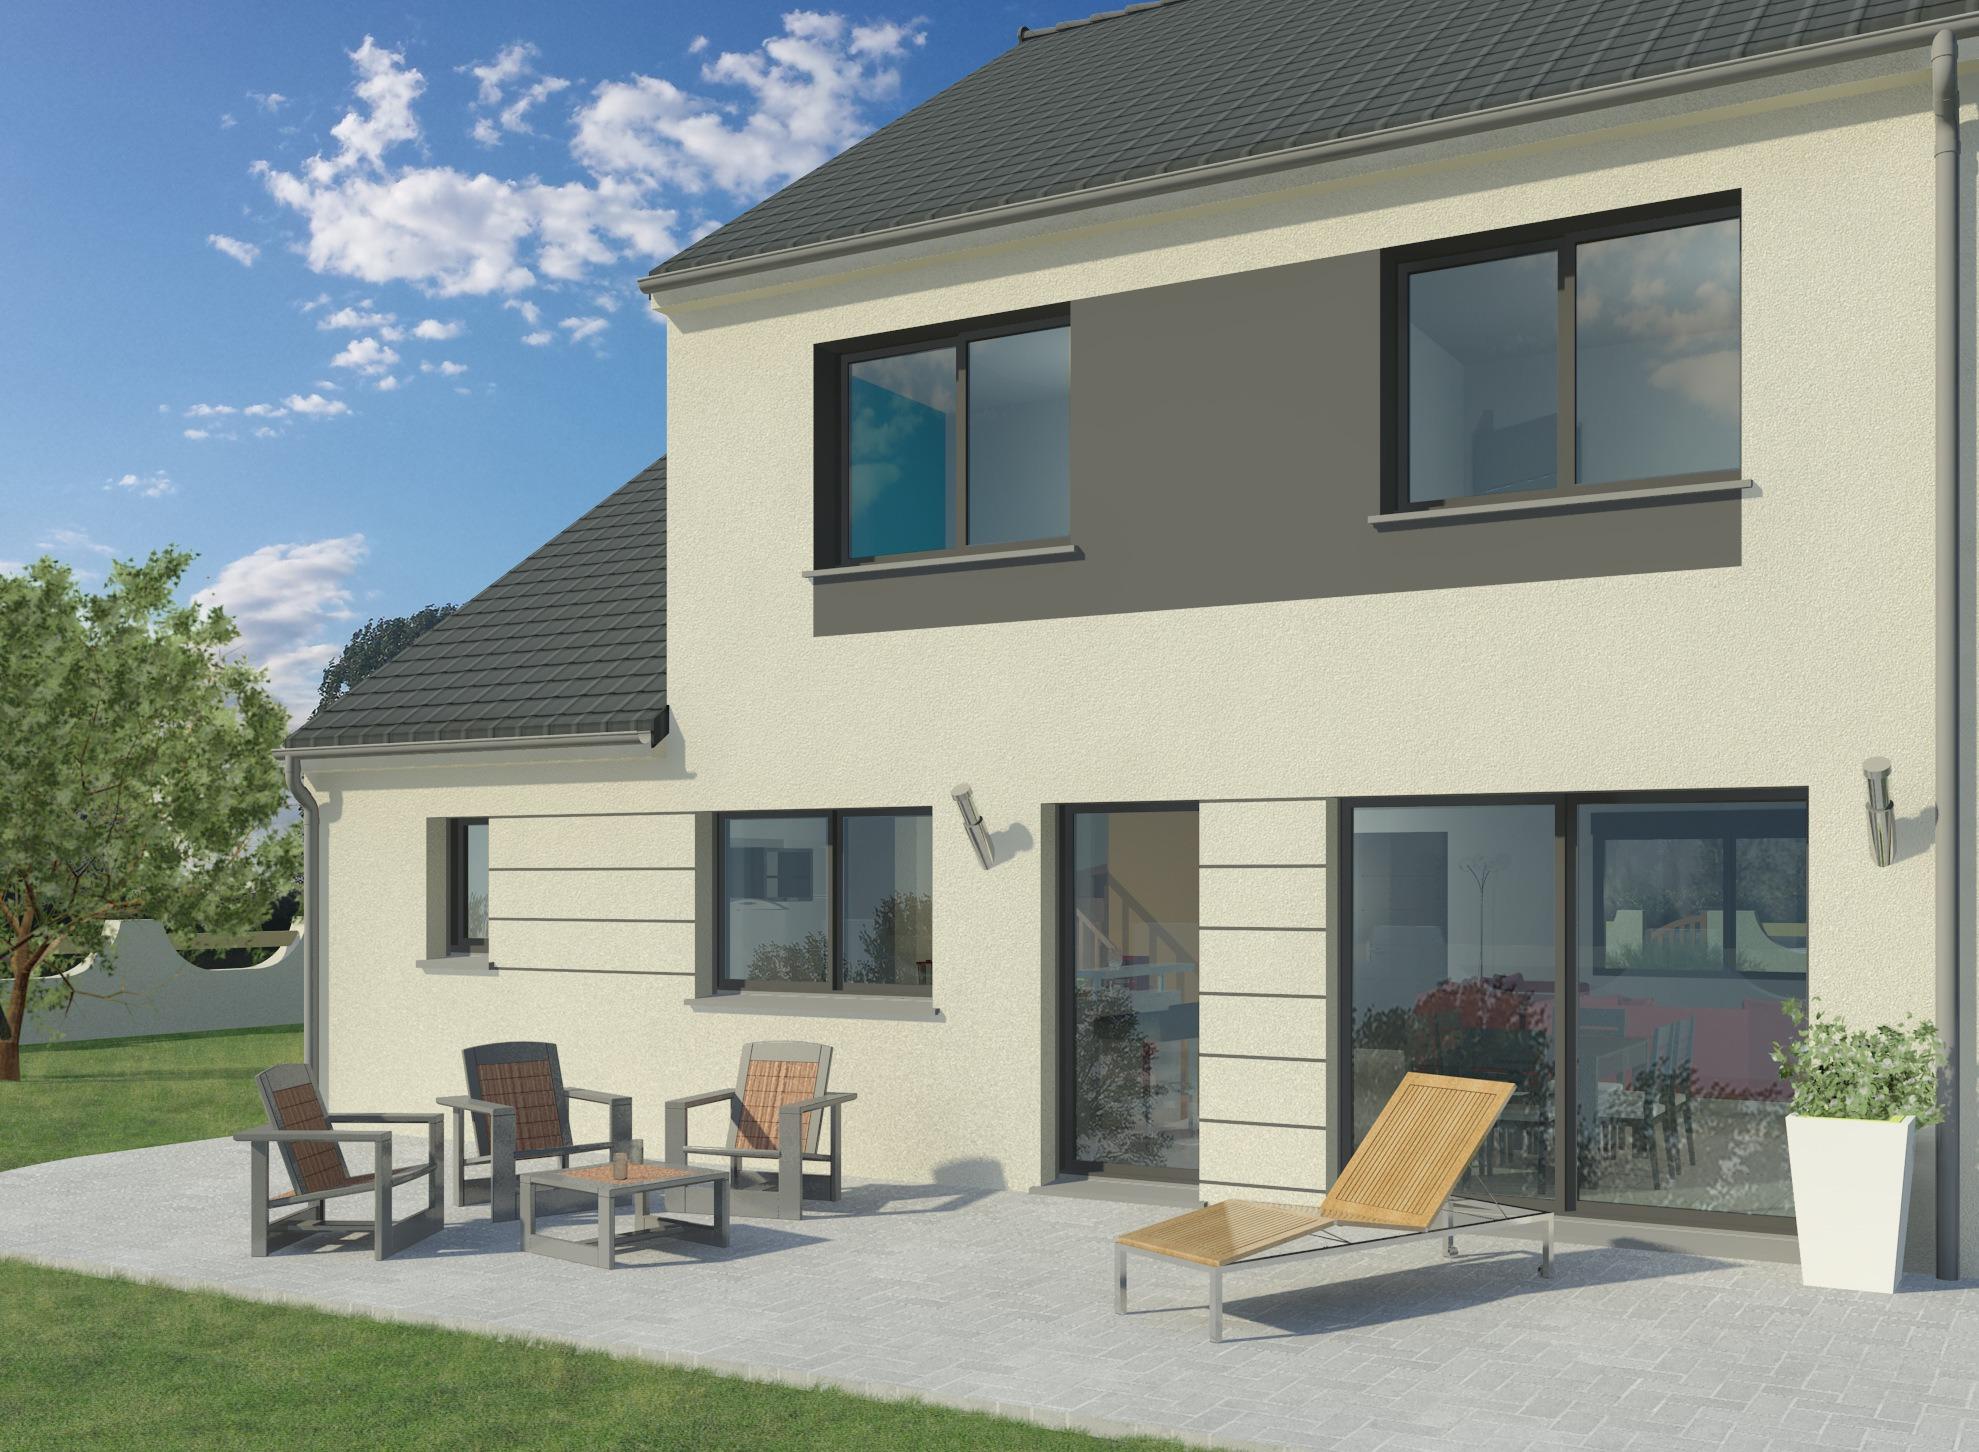 Maisons + Terrains du constructeur MAISON FAMILIALE MAREUIL LES MEAUX • 118 m² • QUINCY VOISINS